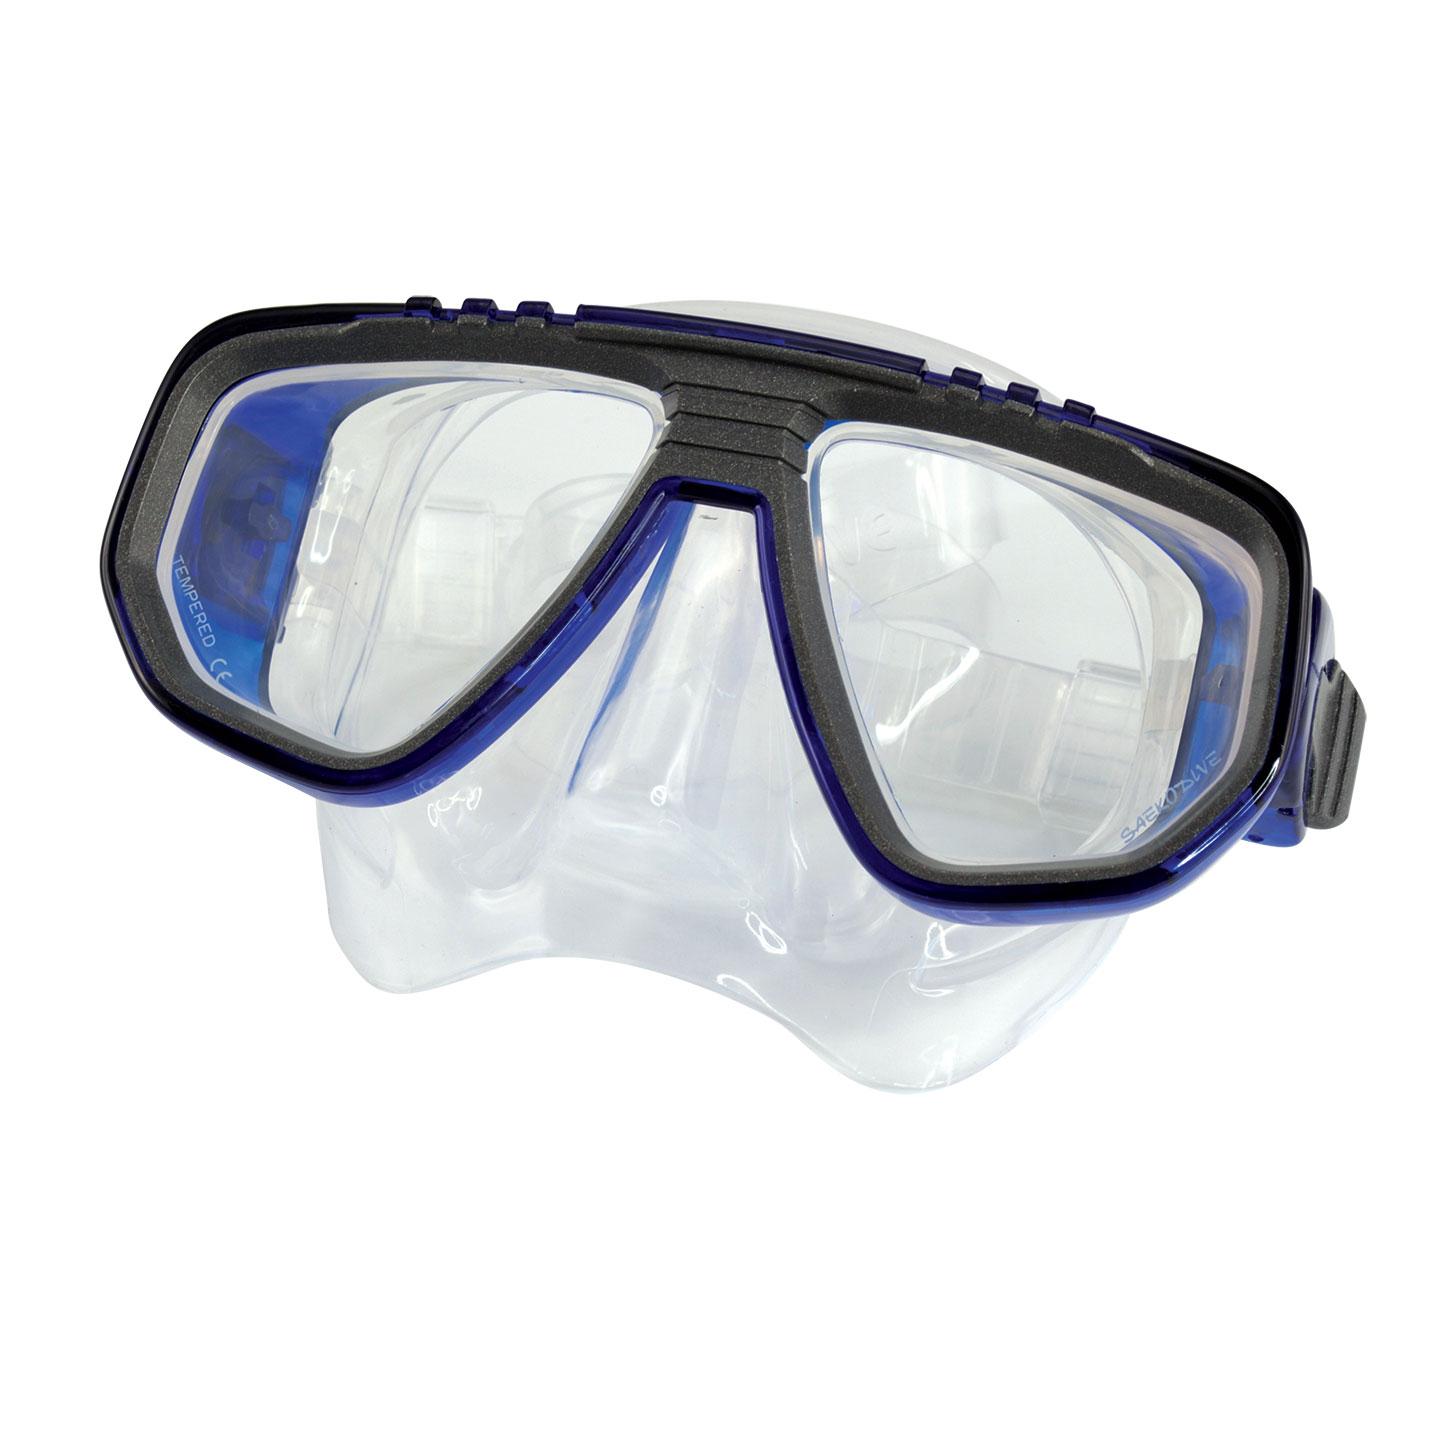 Masque de plongée RX